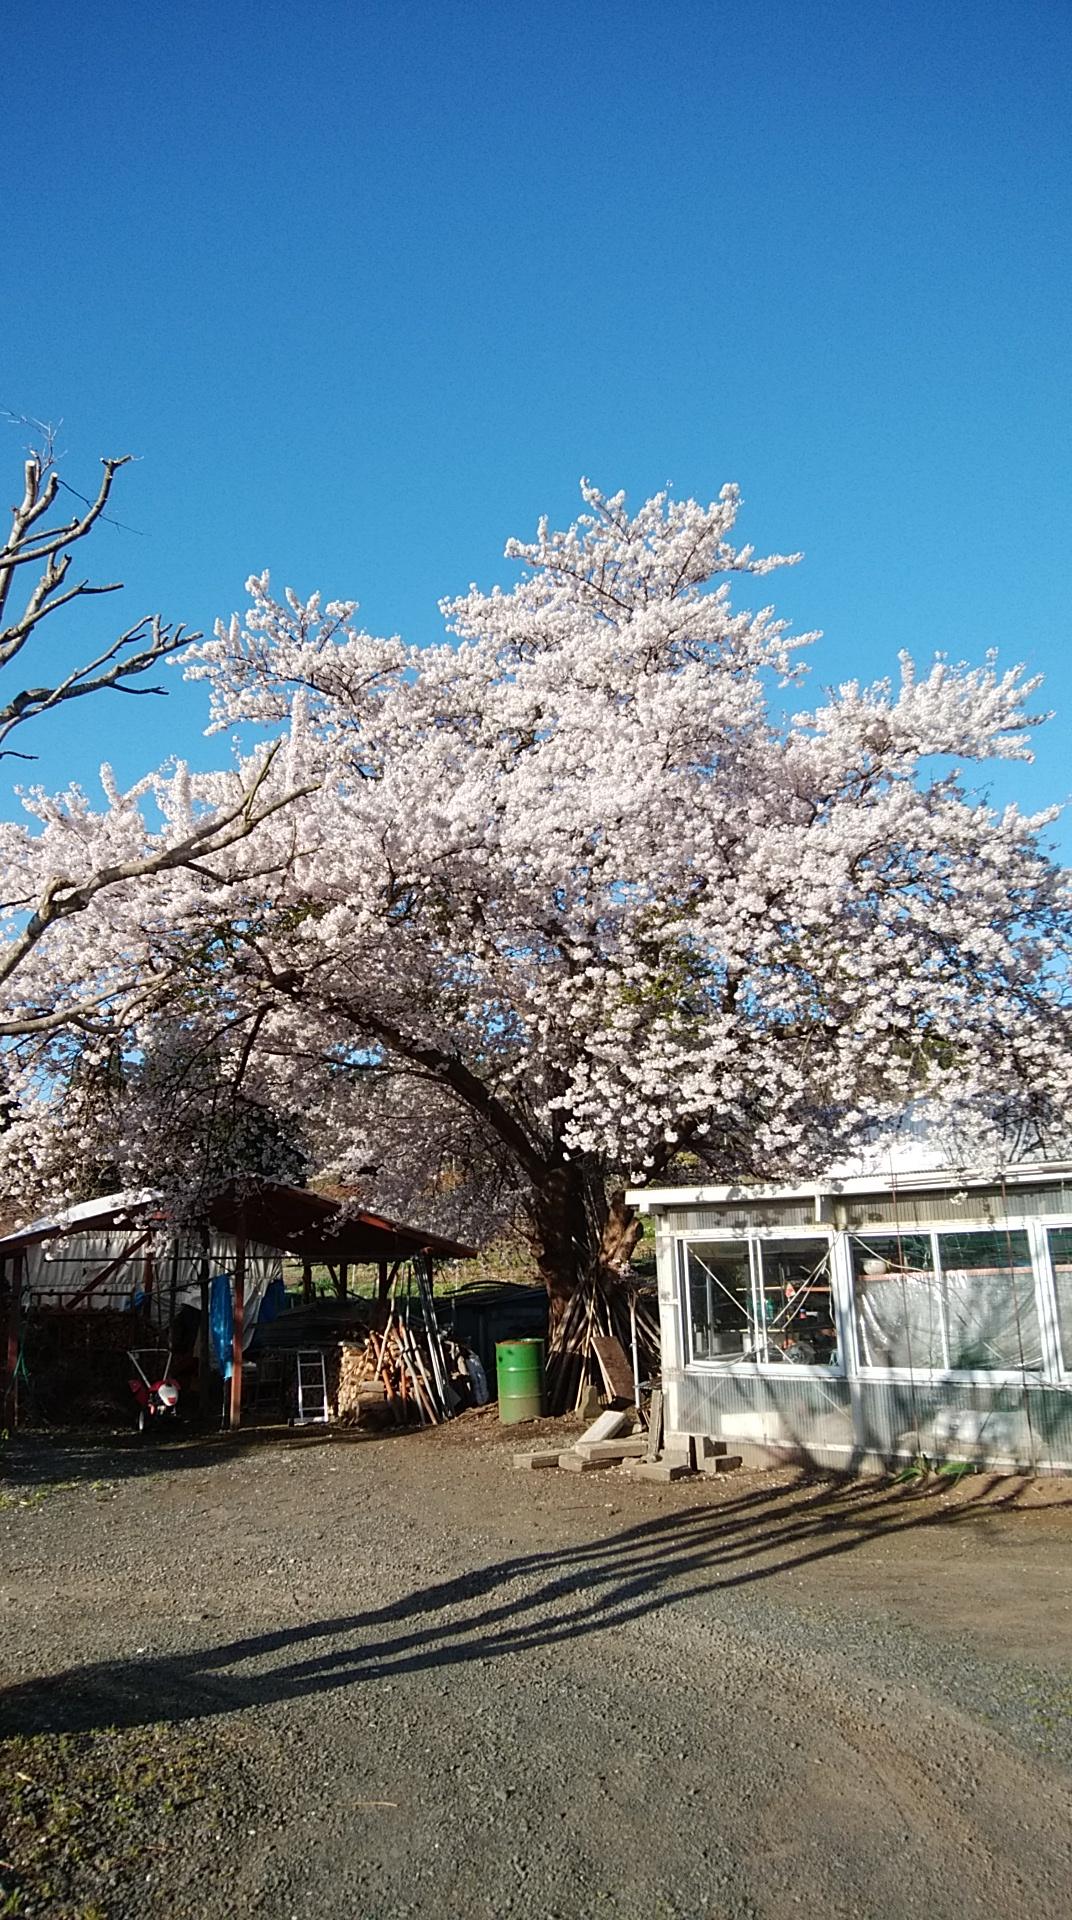 【八戸】岩手の桜 外壁塗装|屋根塗装|塗装業者|塗装屋|塗装会社